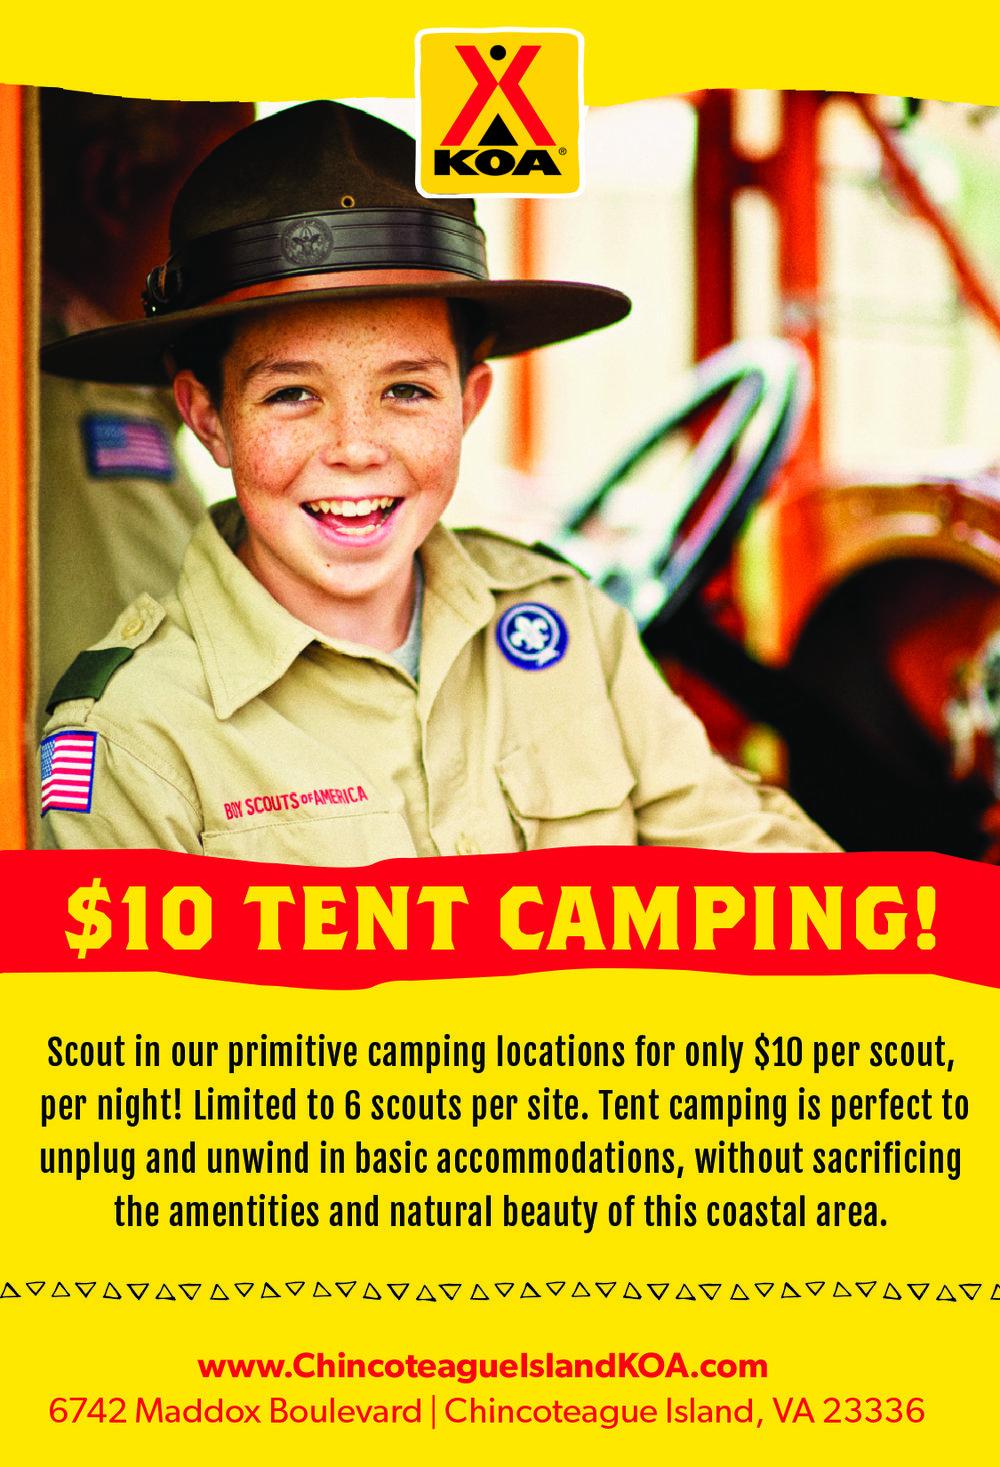 Boy Scout Calendar Ad.jpg